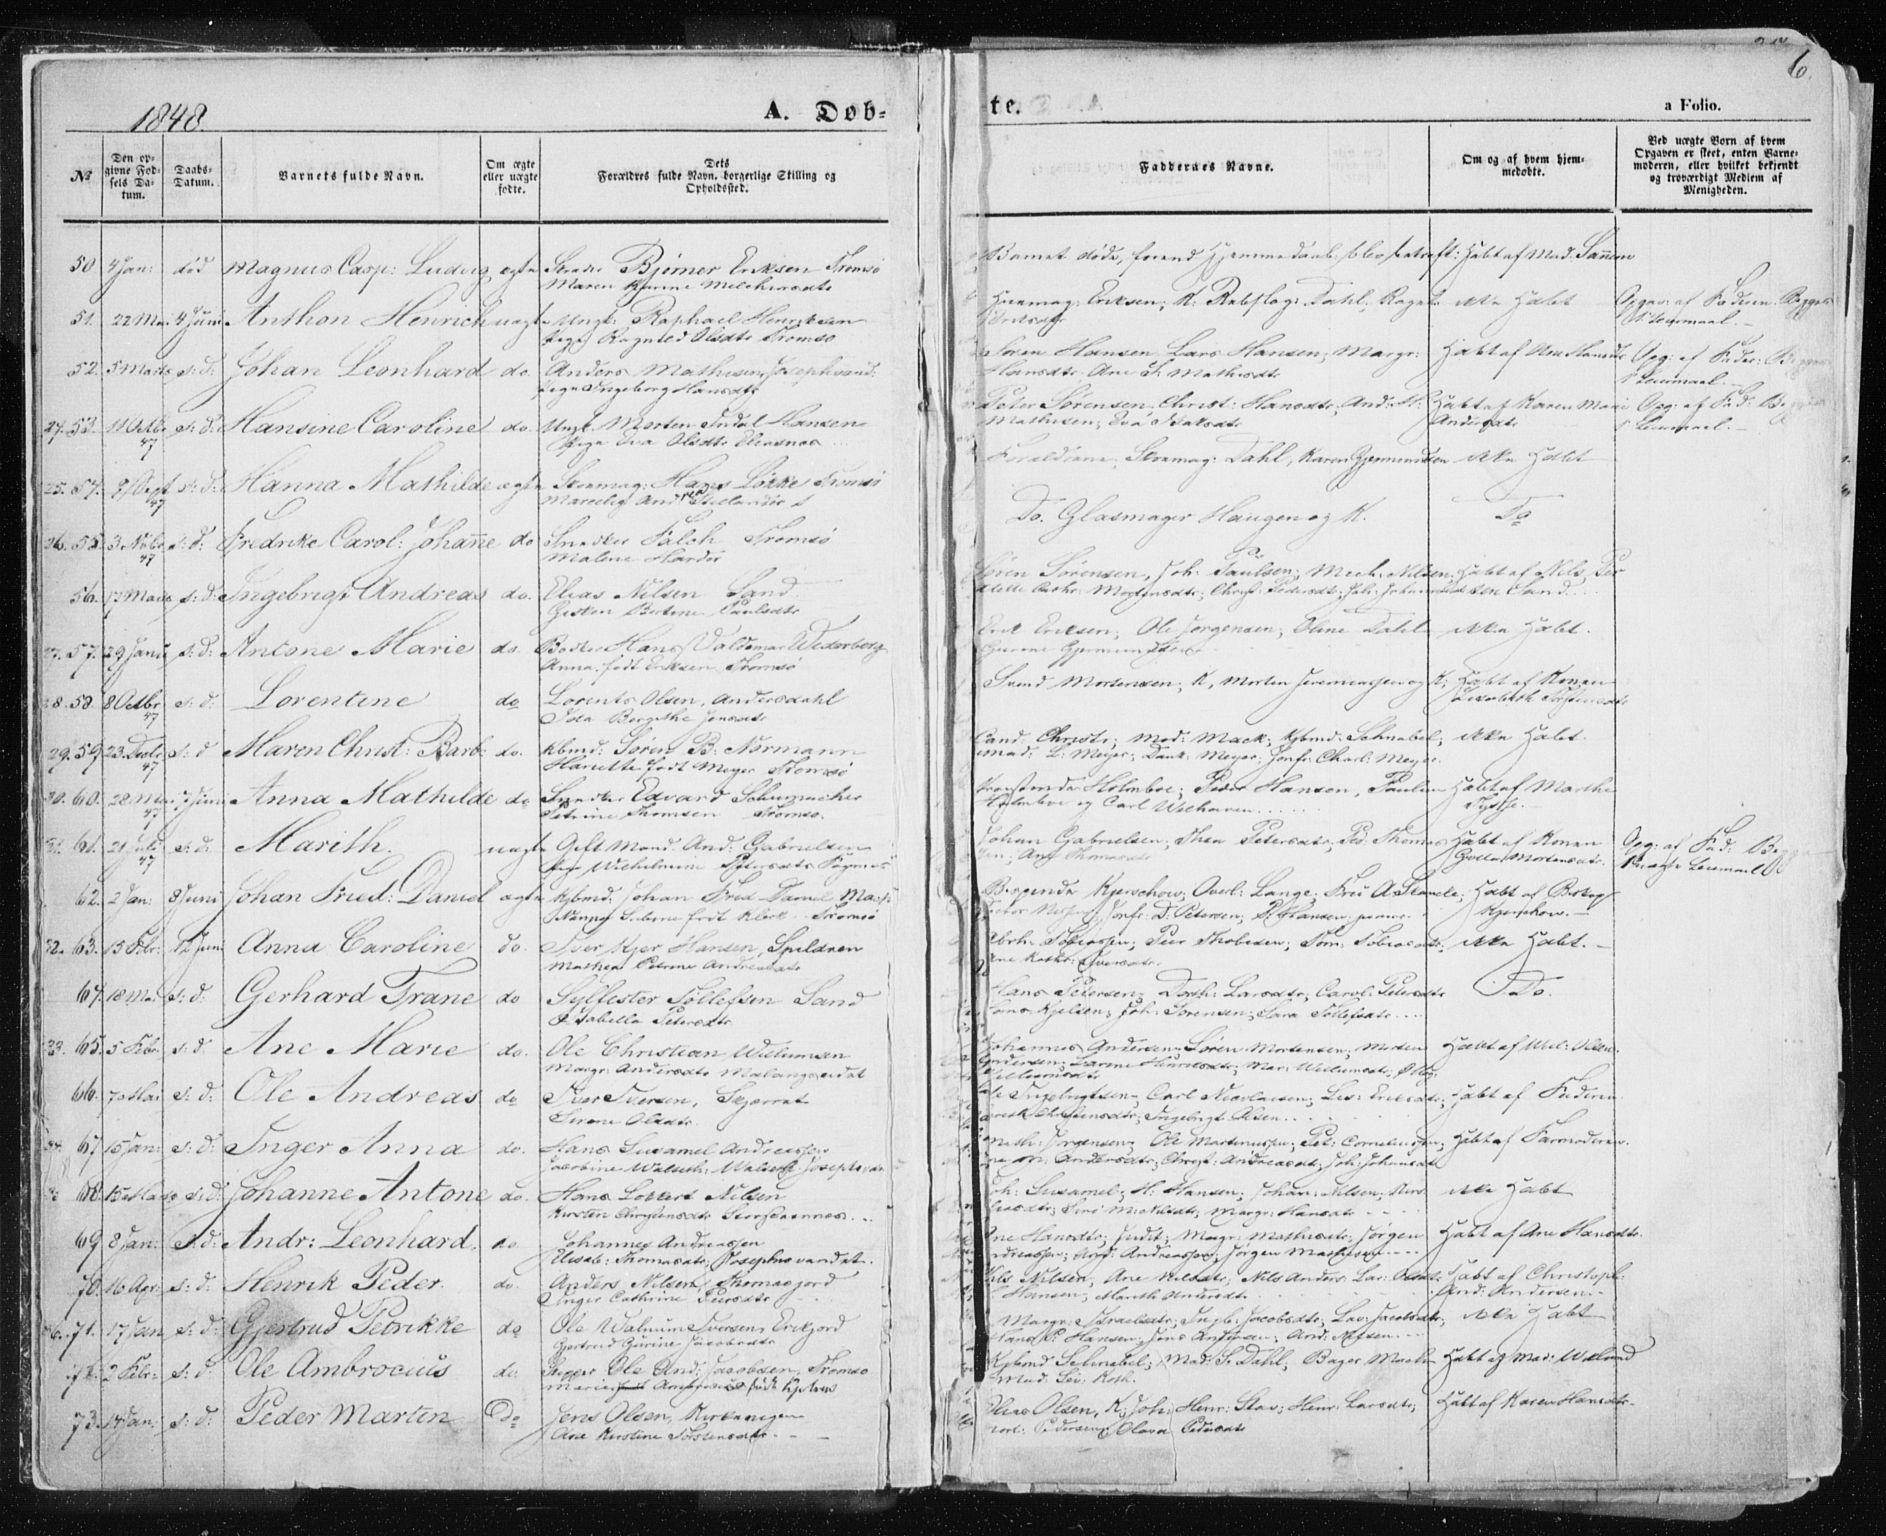 SATØ, Tromsø sokneprestkontor/stiftsprosti/domprosti, G/Ga/L0010kirke: Ministerialbok nr. 10, 1848-1855, s. 6